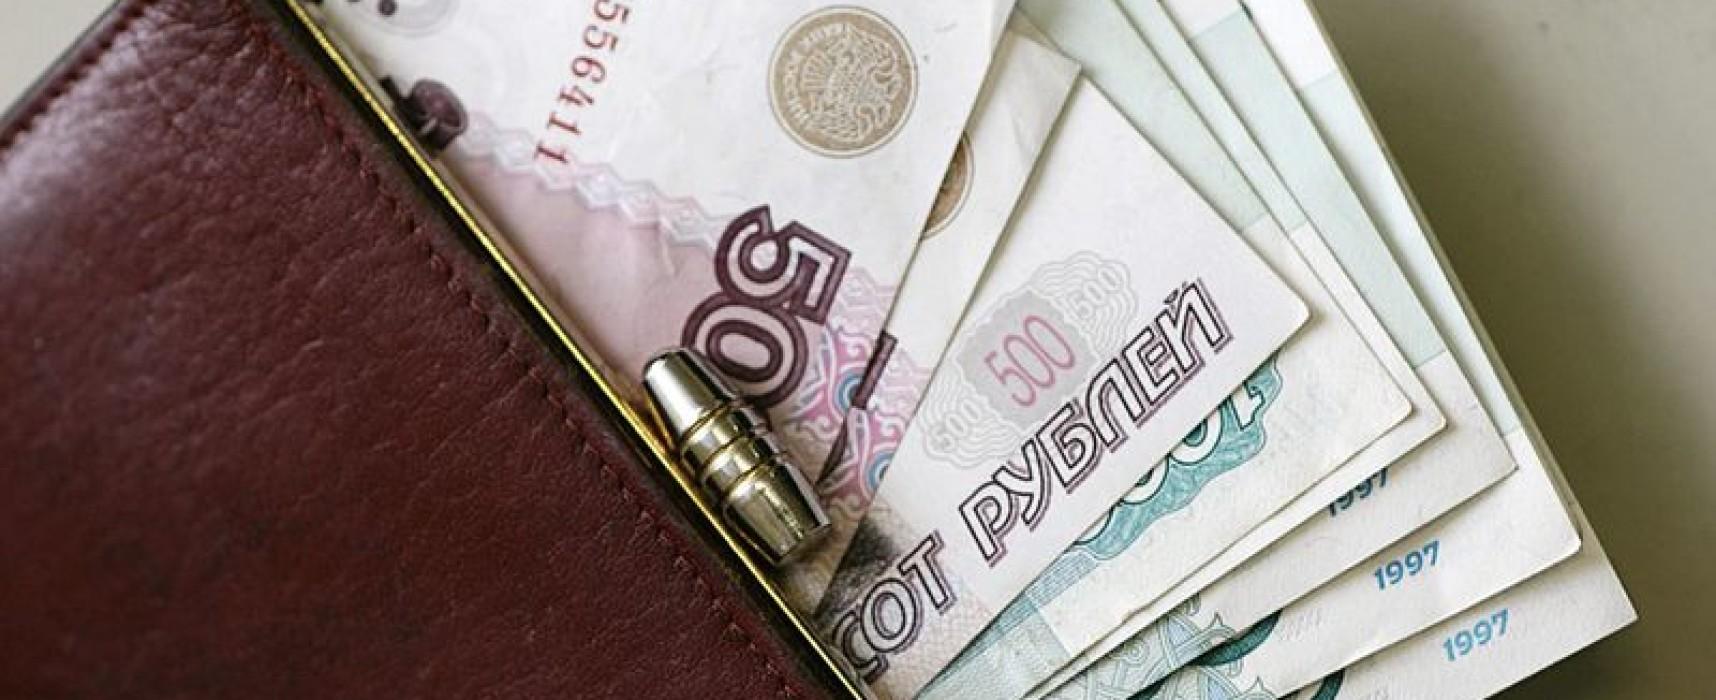 Виды доплат и надбавок к зарплате